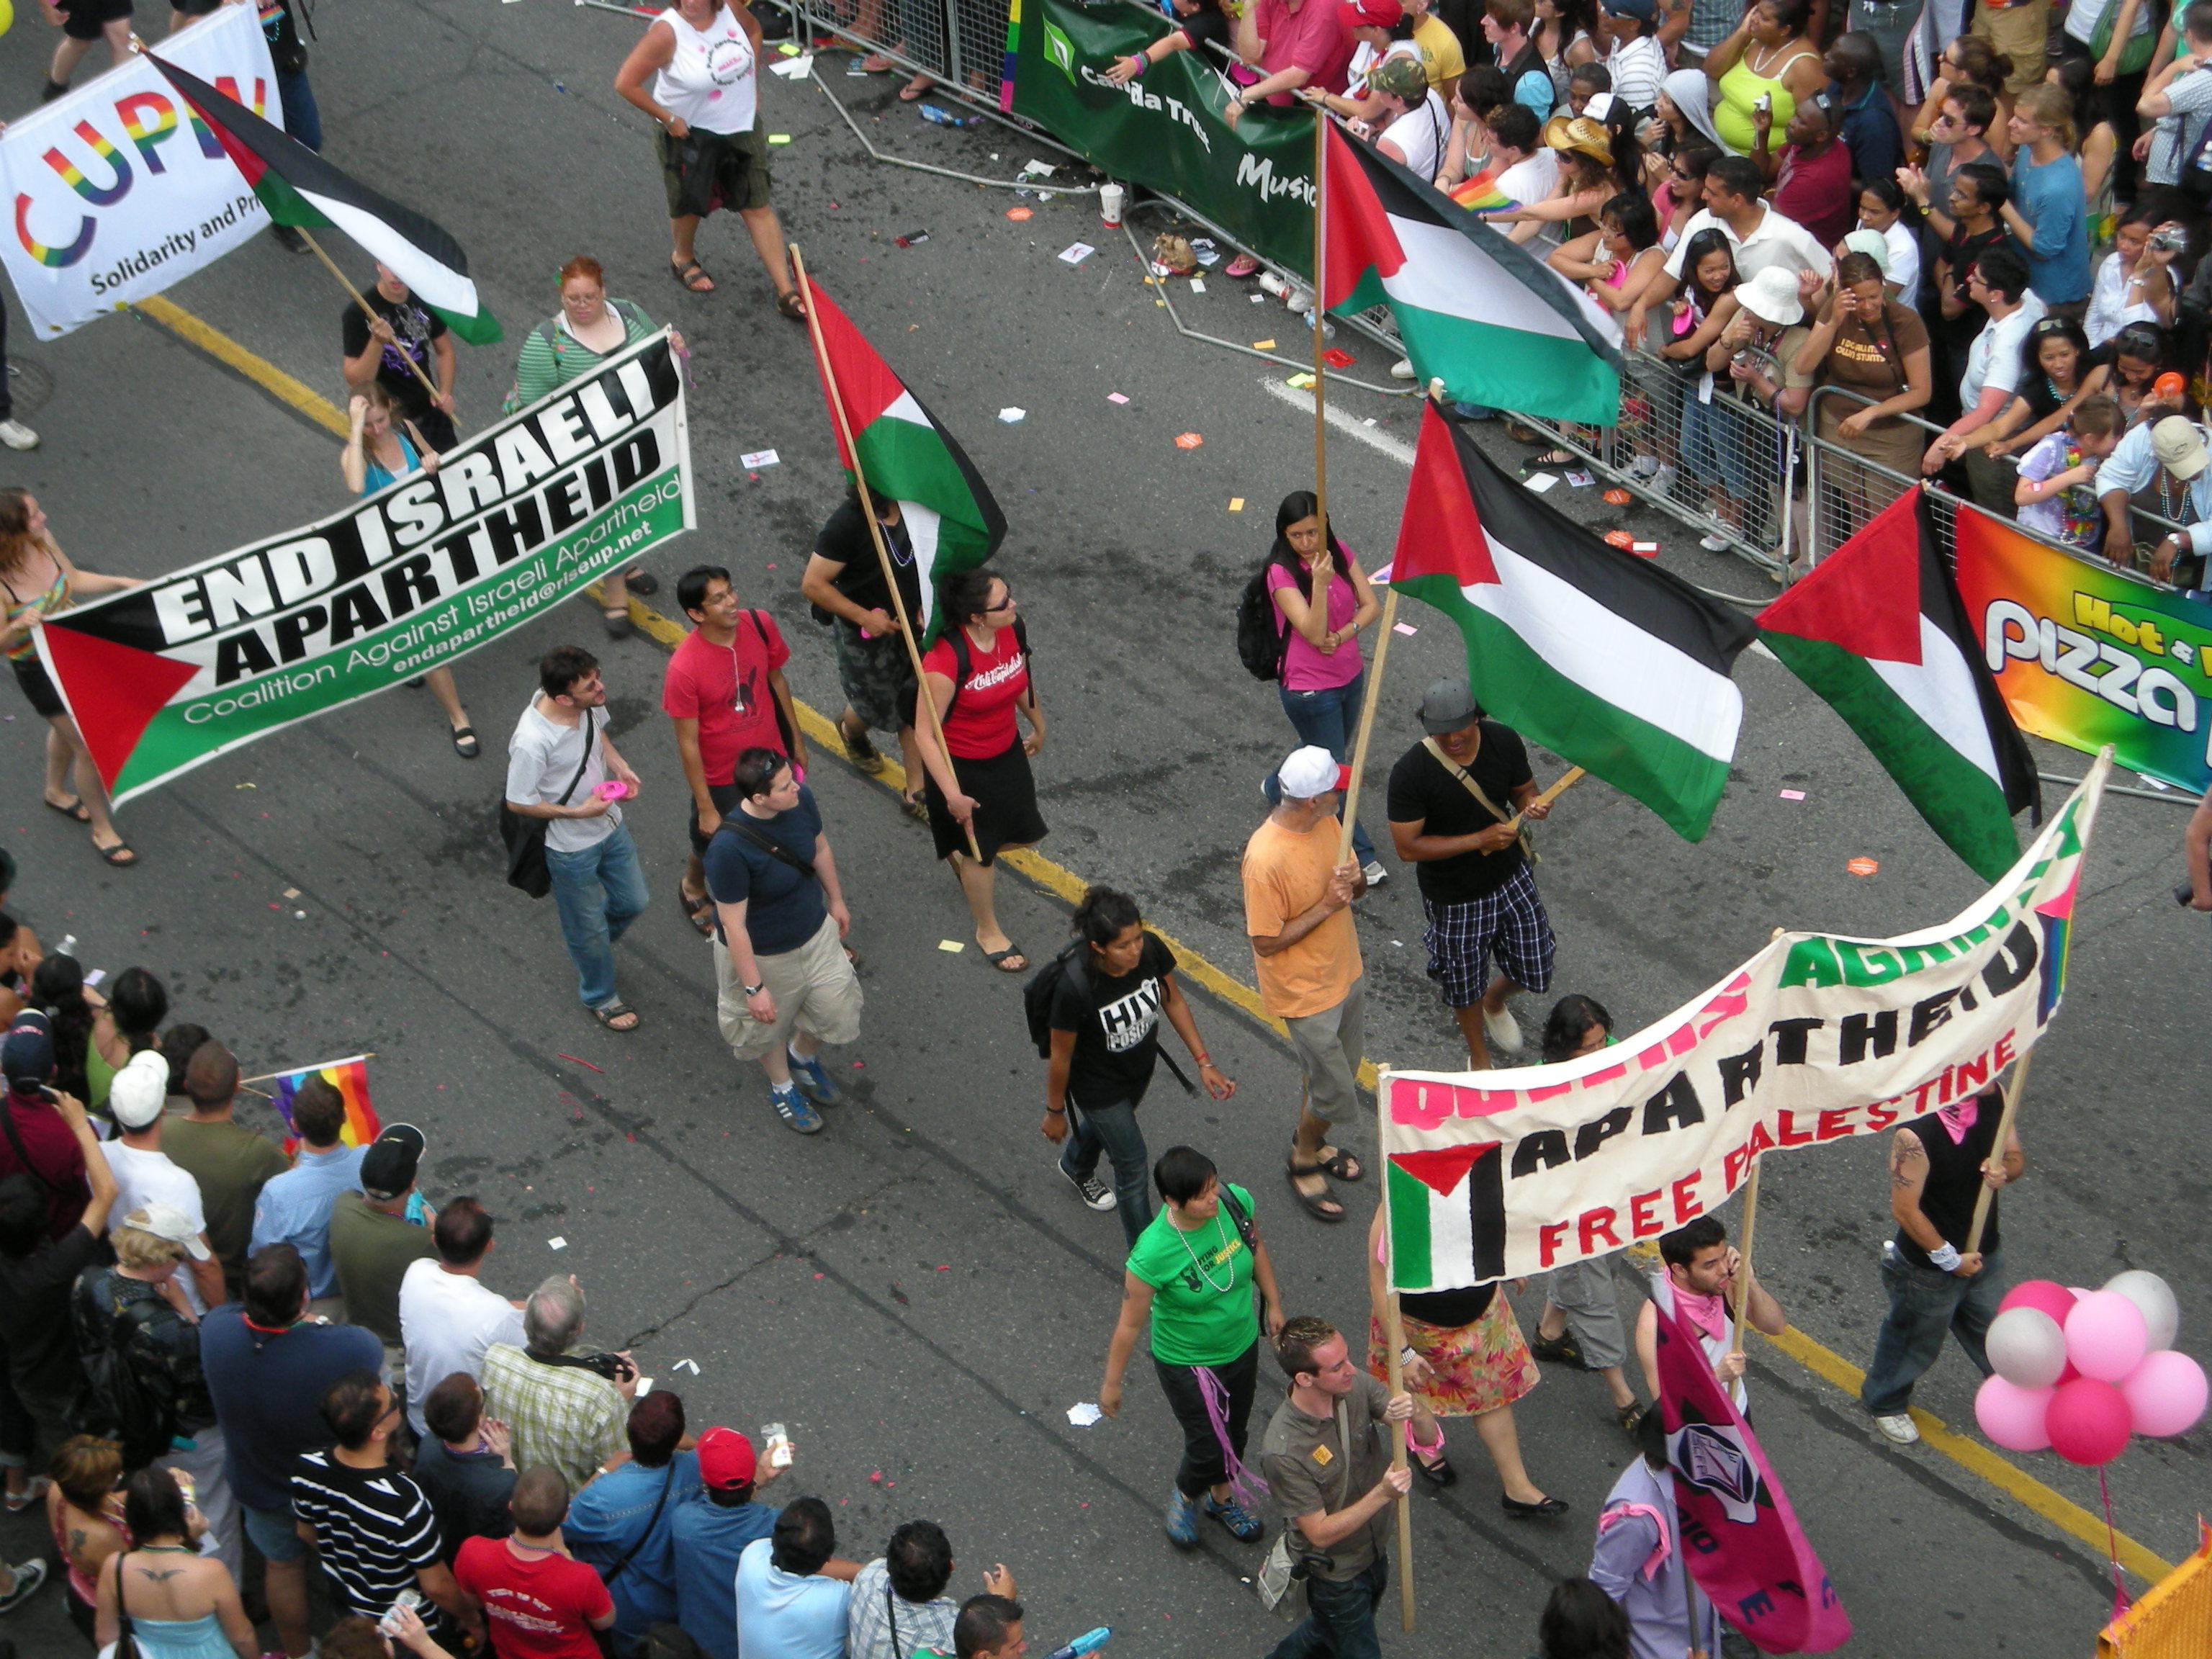 Israele pinkwashing gay